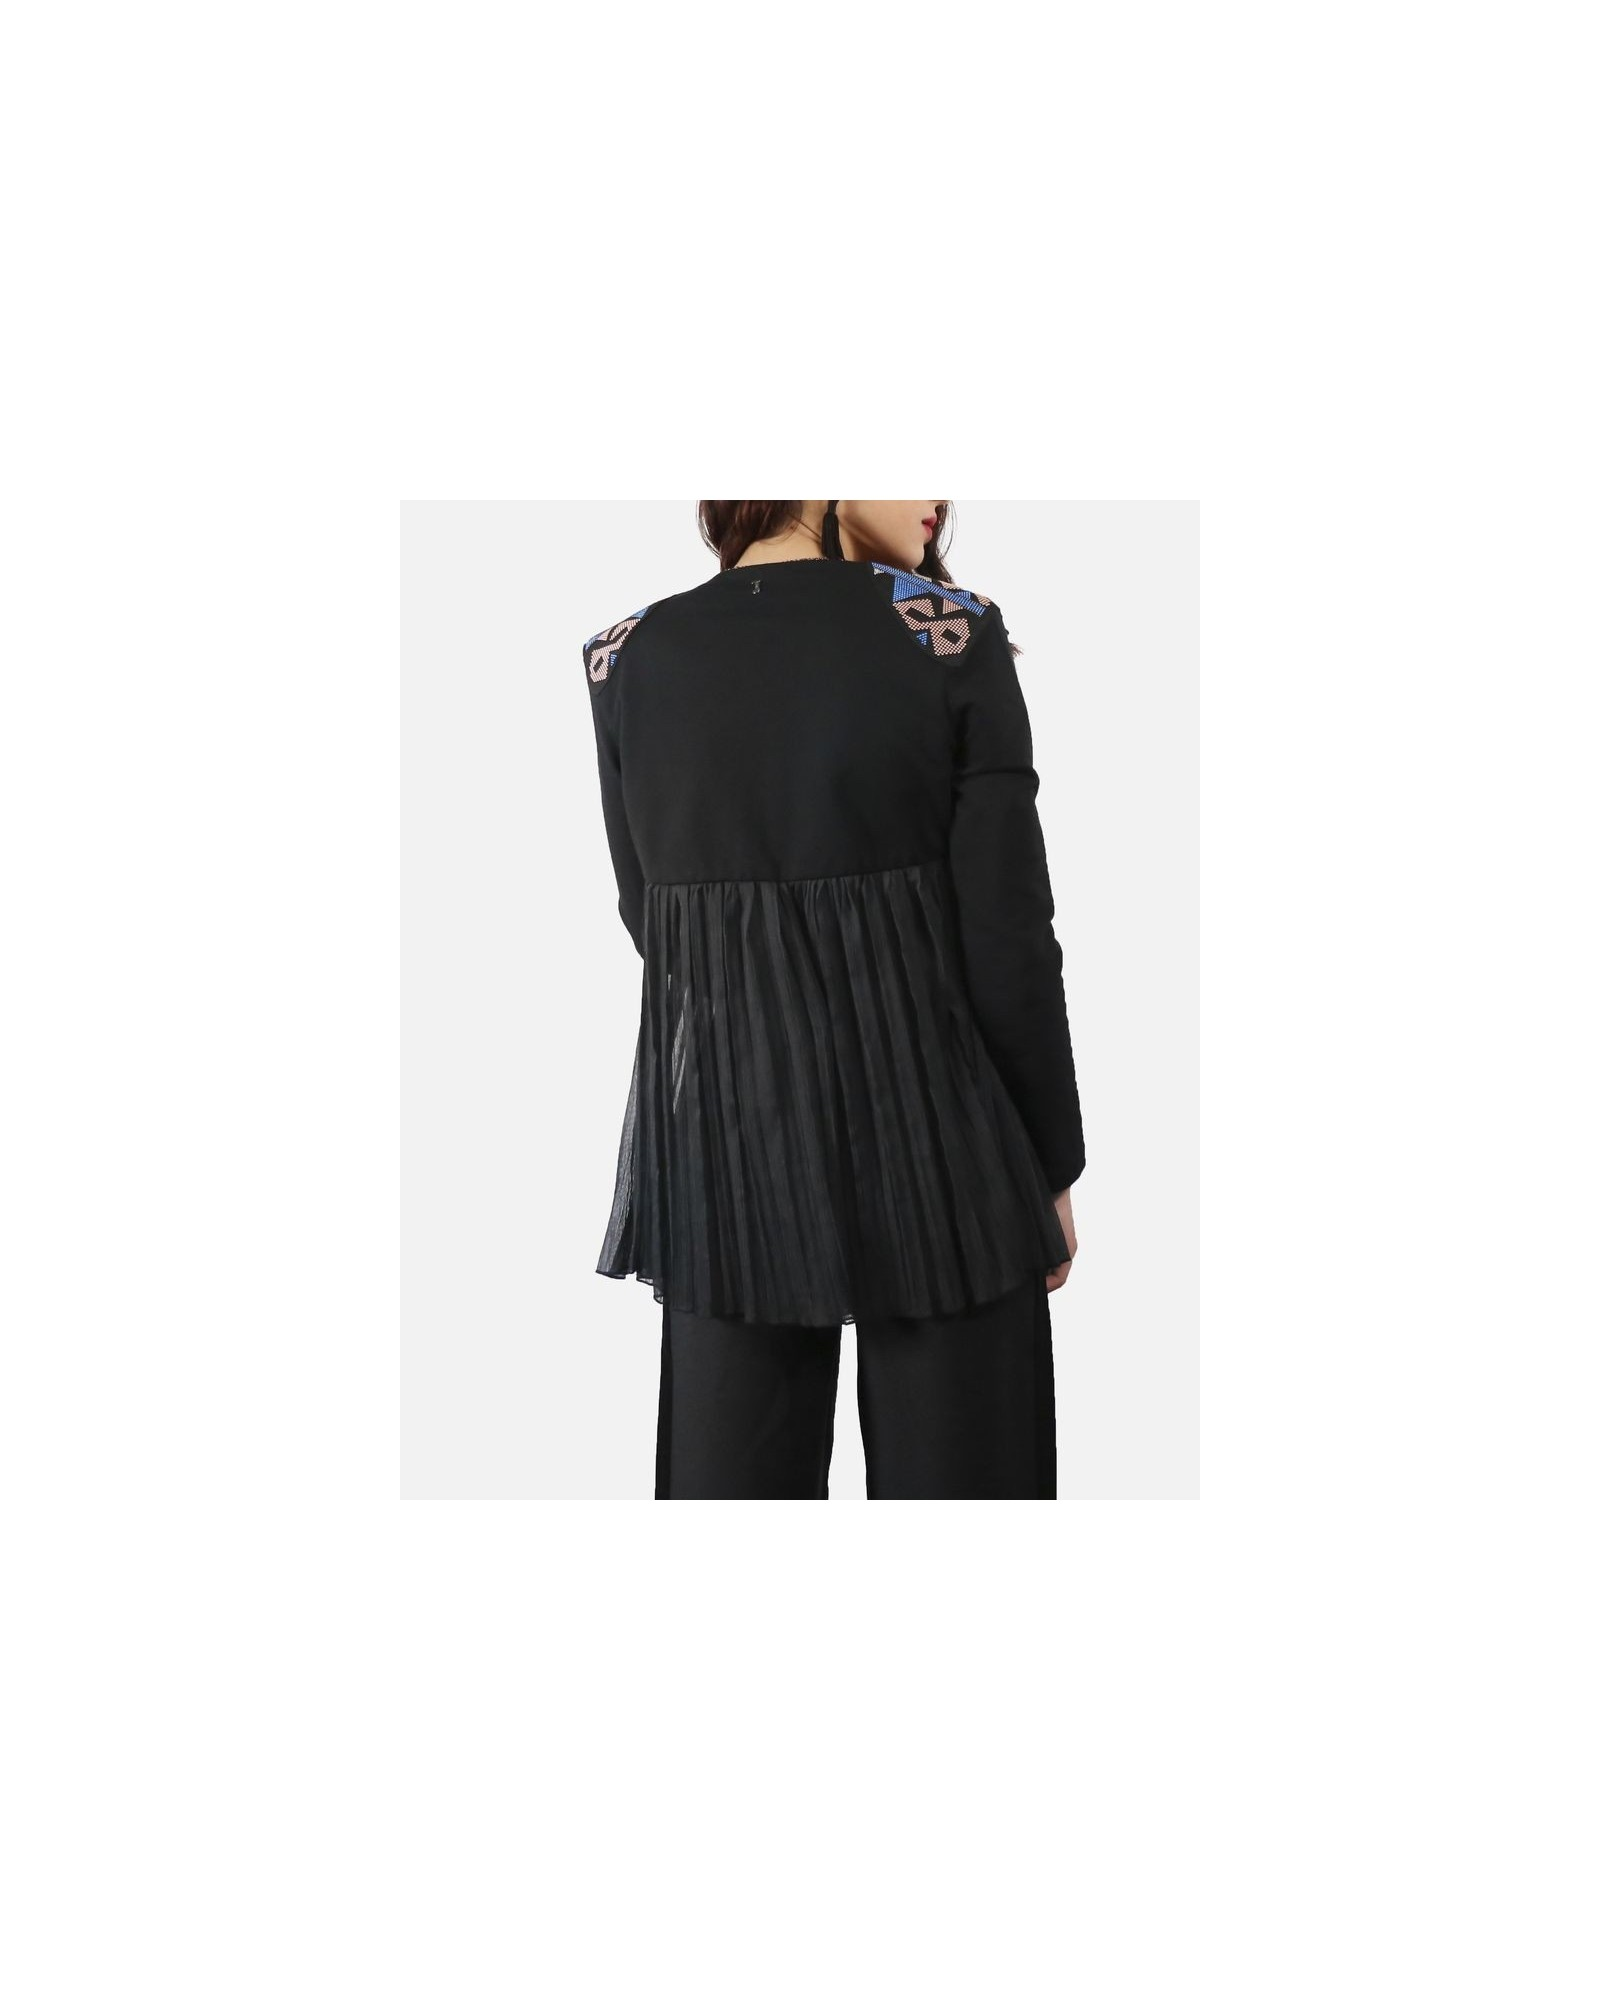 Gilet noir à empiècement mousseline drapé & broderies ethniques Jijil